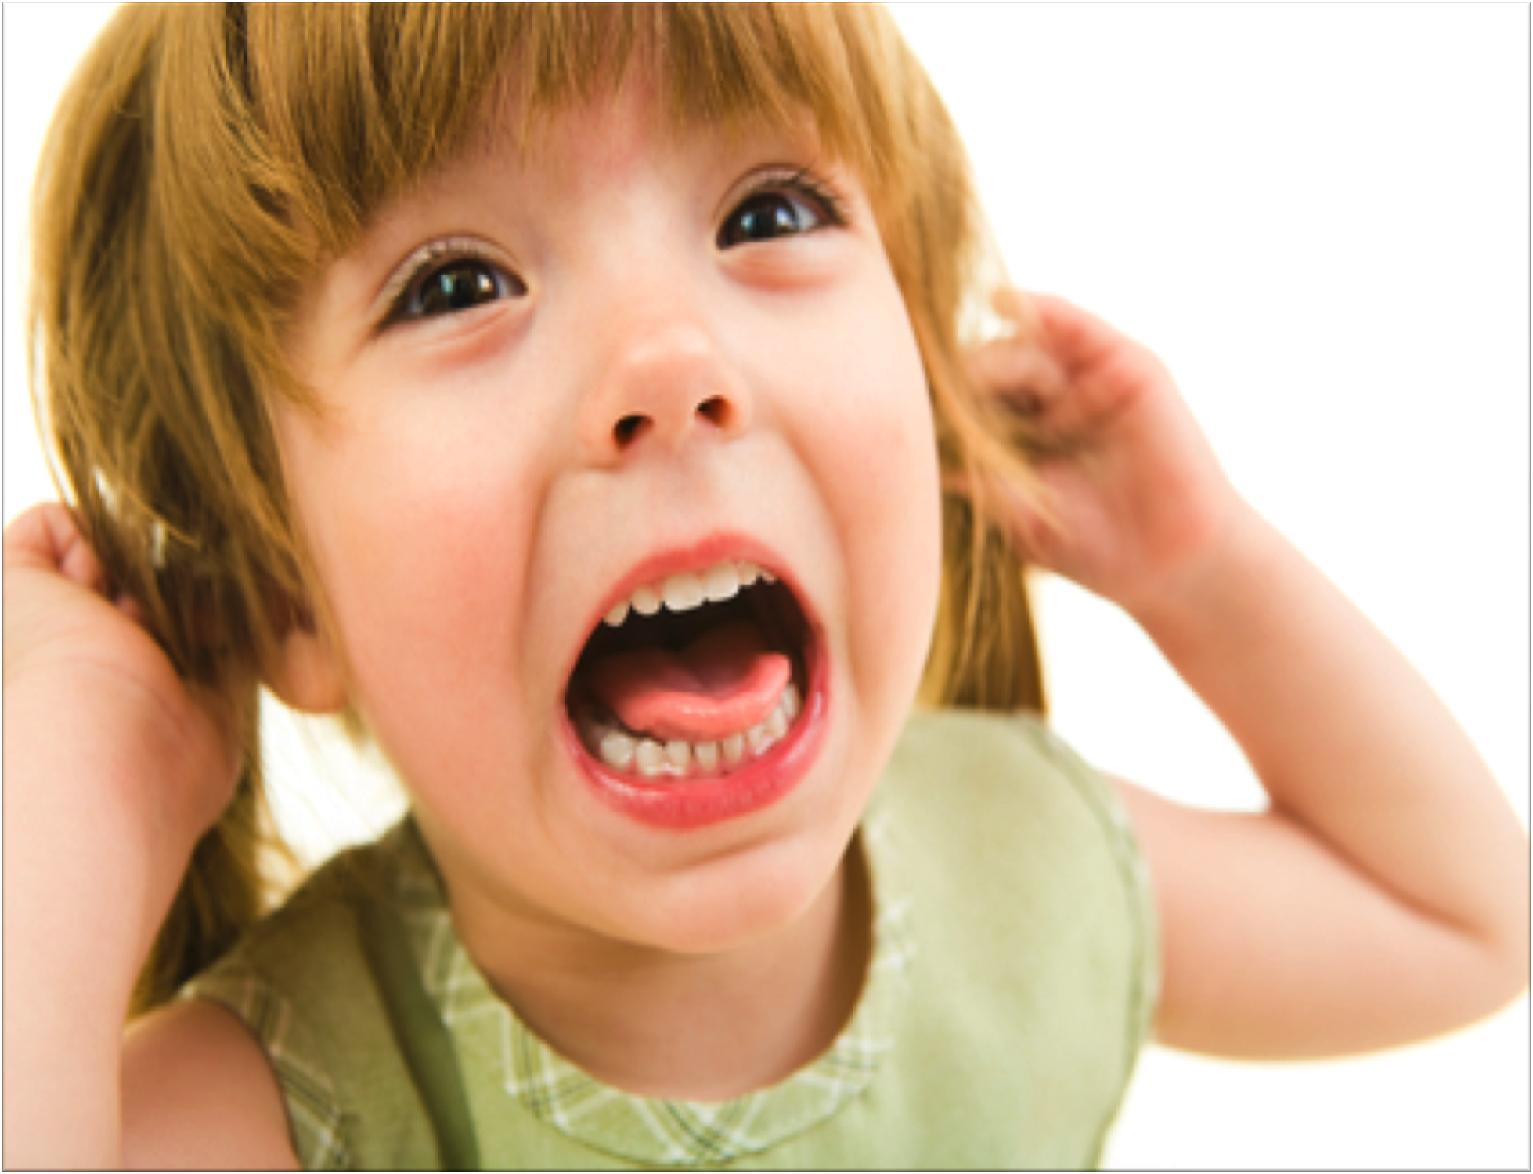 Αποτέλεσμα εικόνας για tantrum child